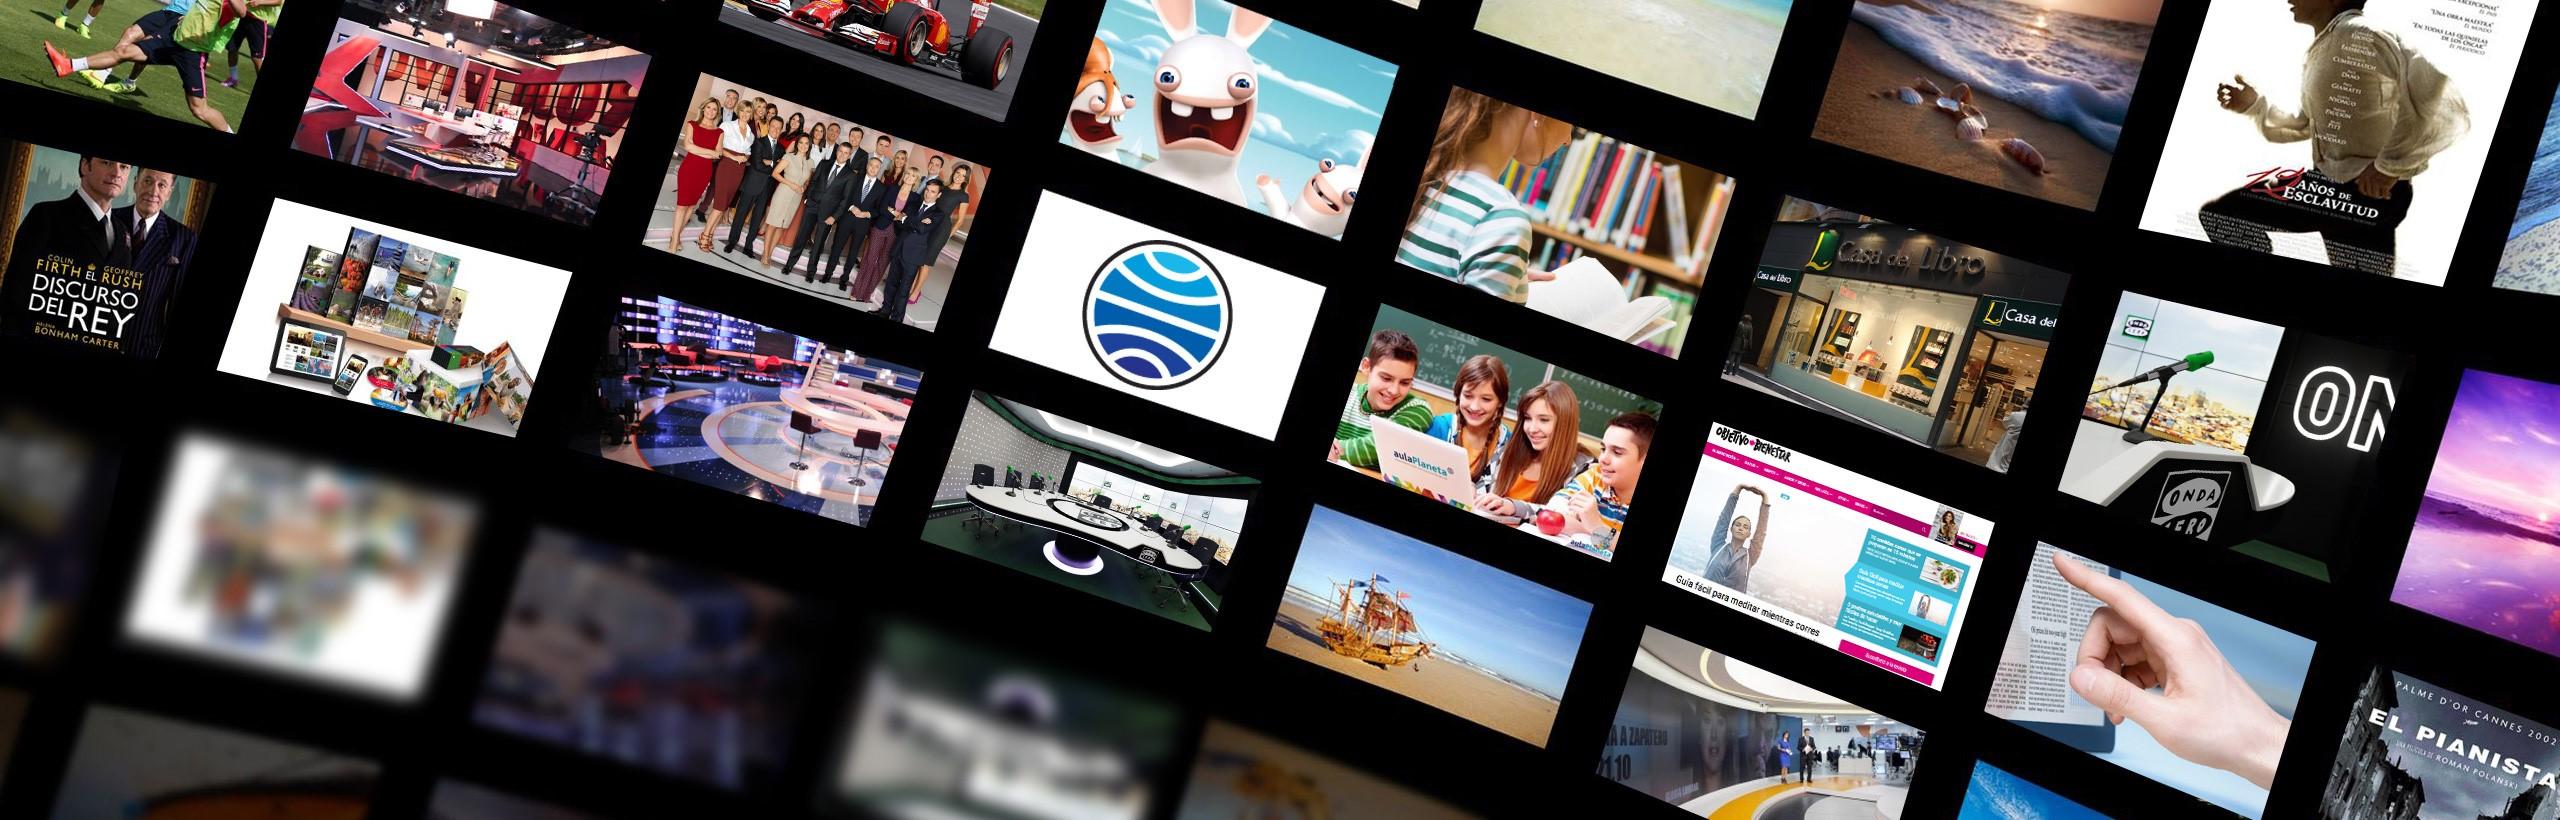 Nous créons et distribuons des contenusculturels, informatifs, formatifs et de divertissement audiovisuel.